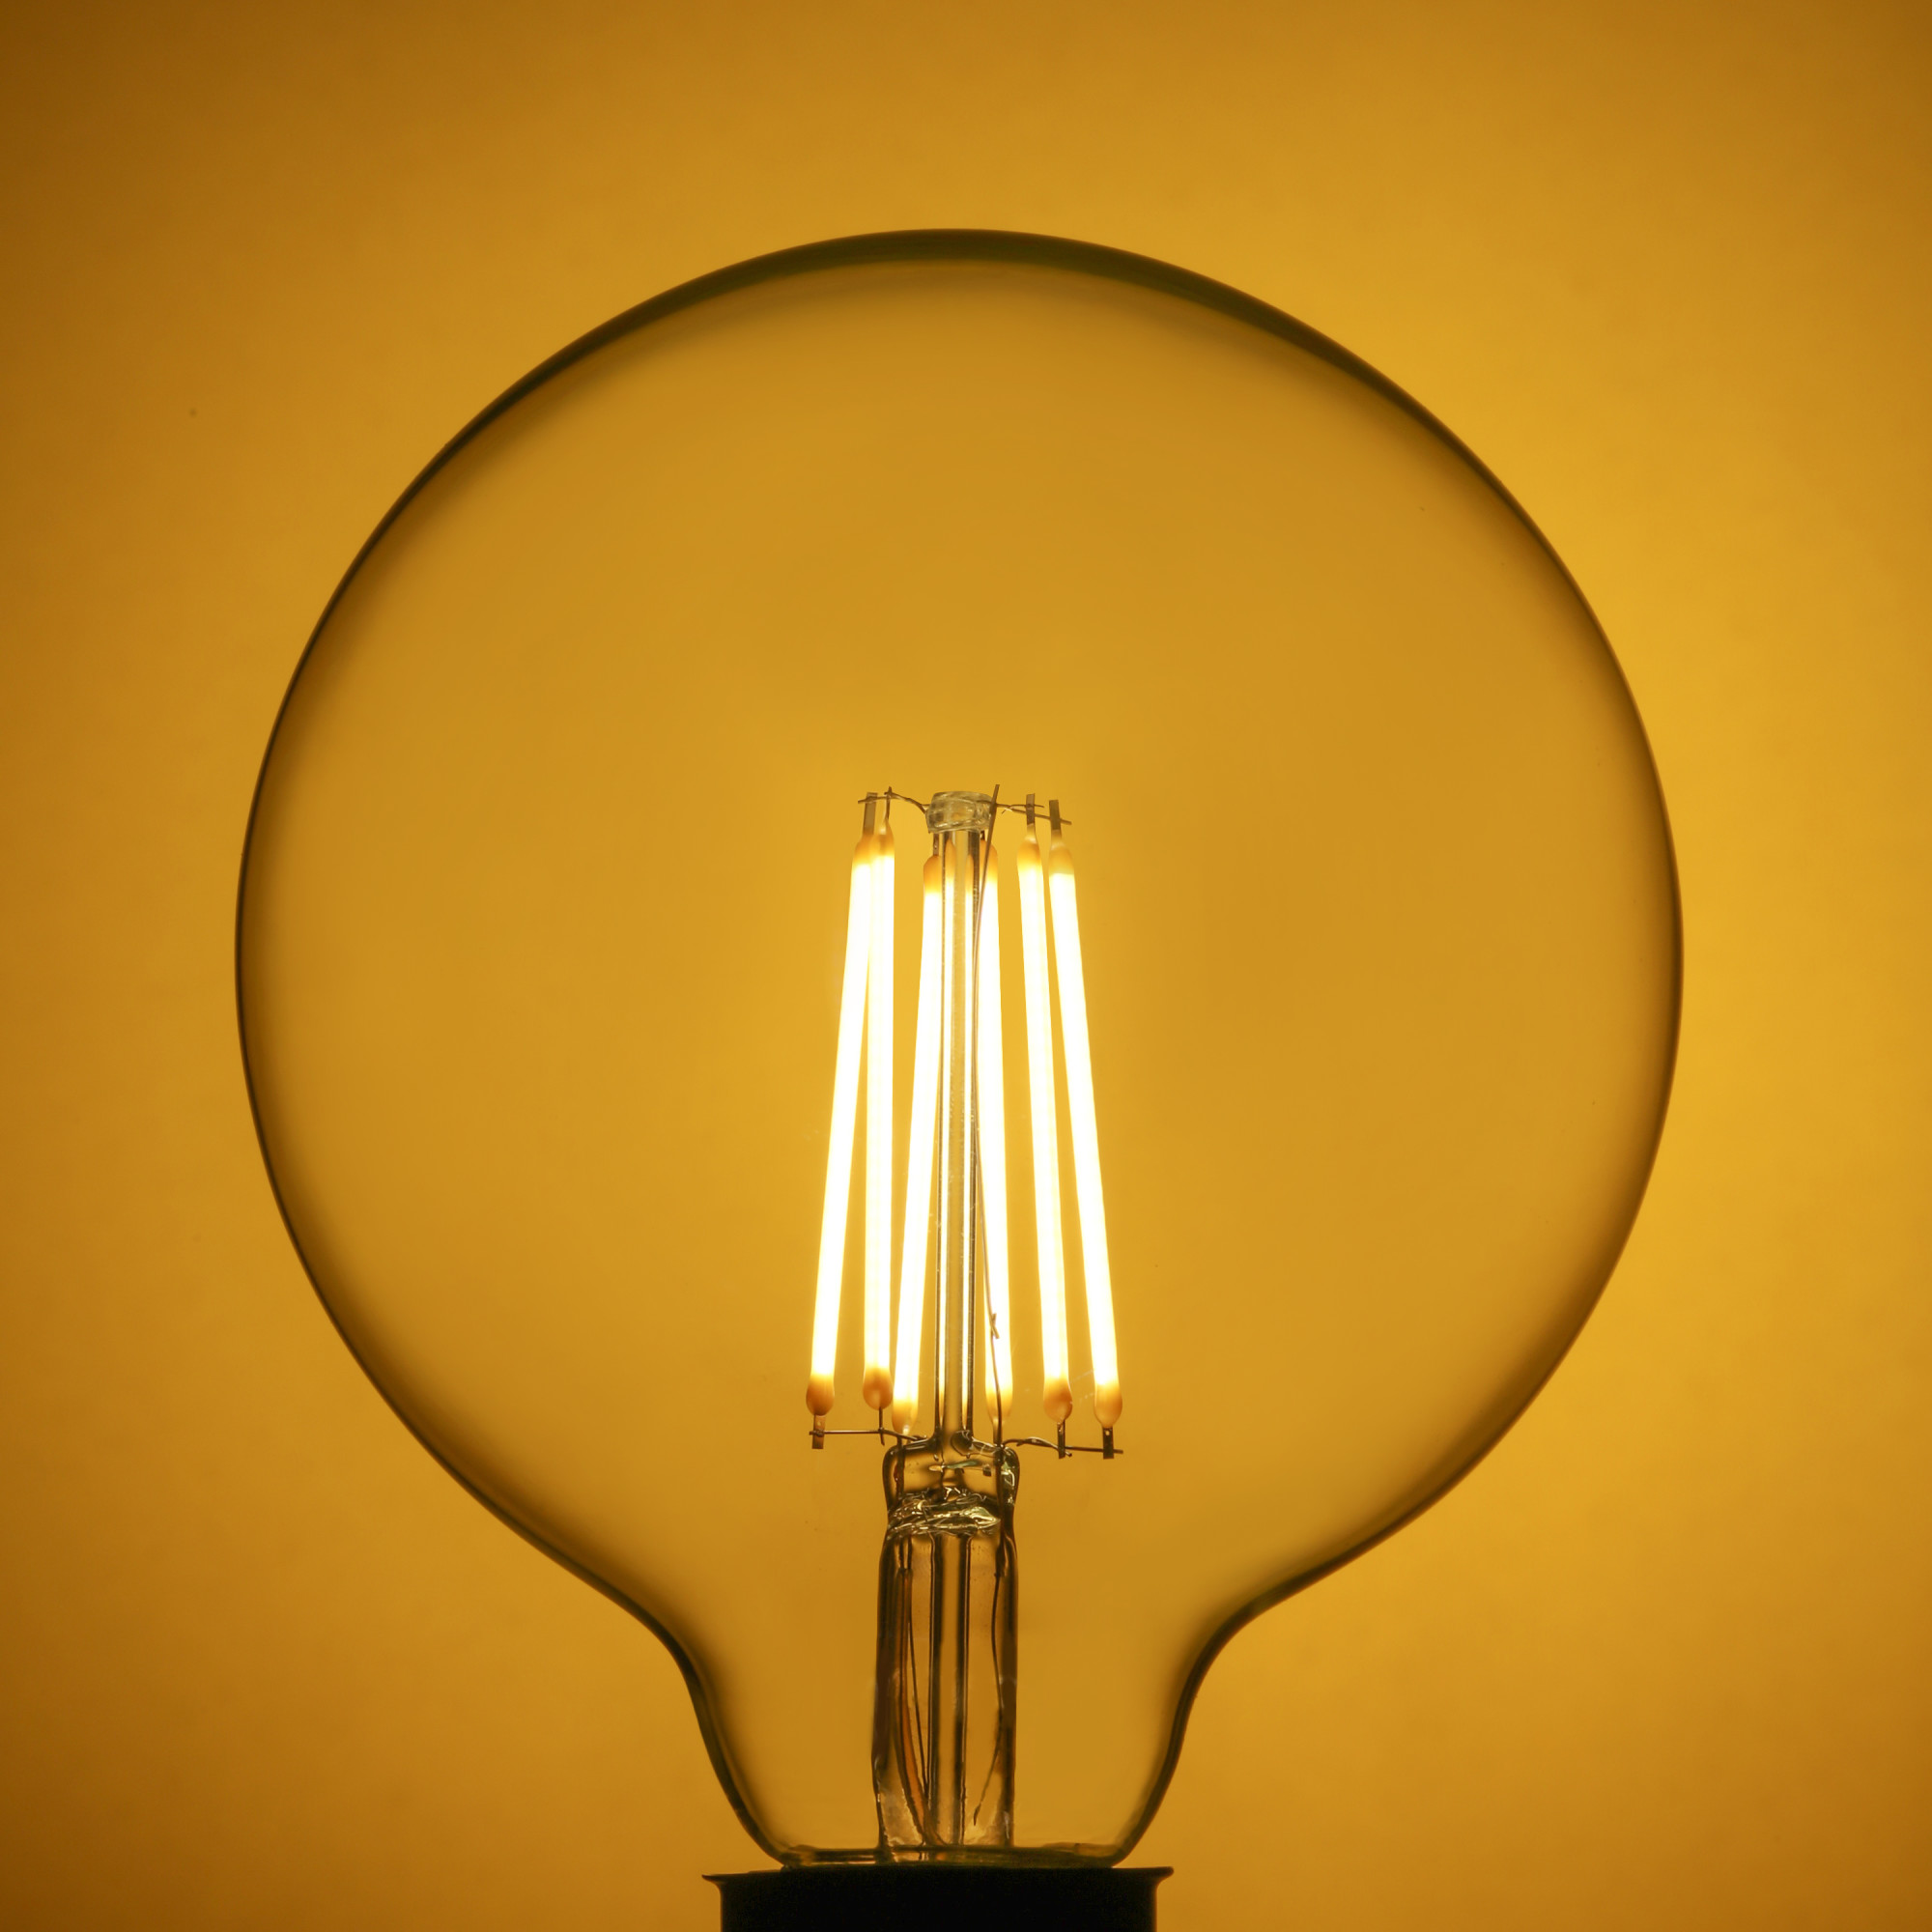 Лампа светодиодная филаментная Lexman E27 220 В 10.5 Вт шар прозрачный 1521 лм белый свет